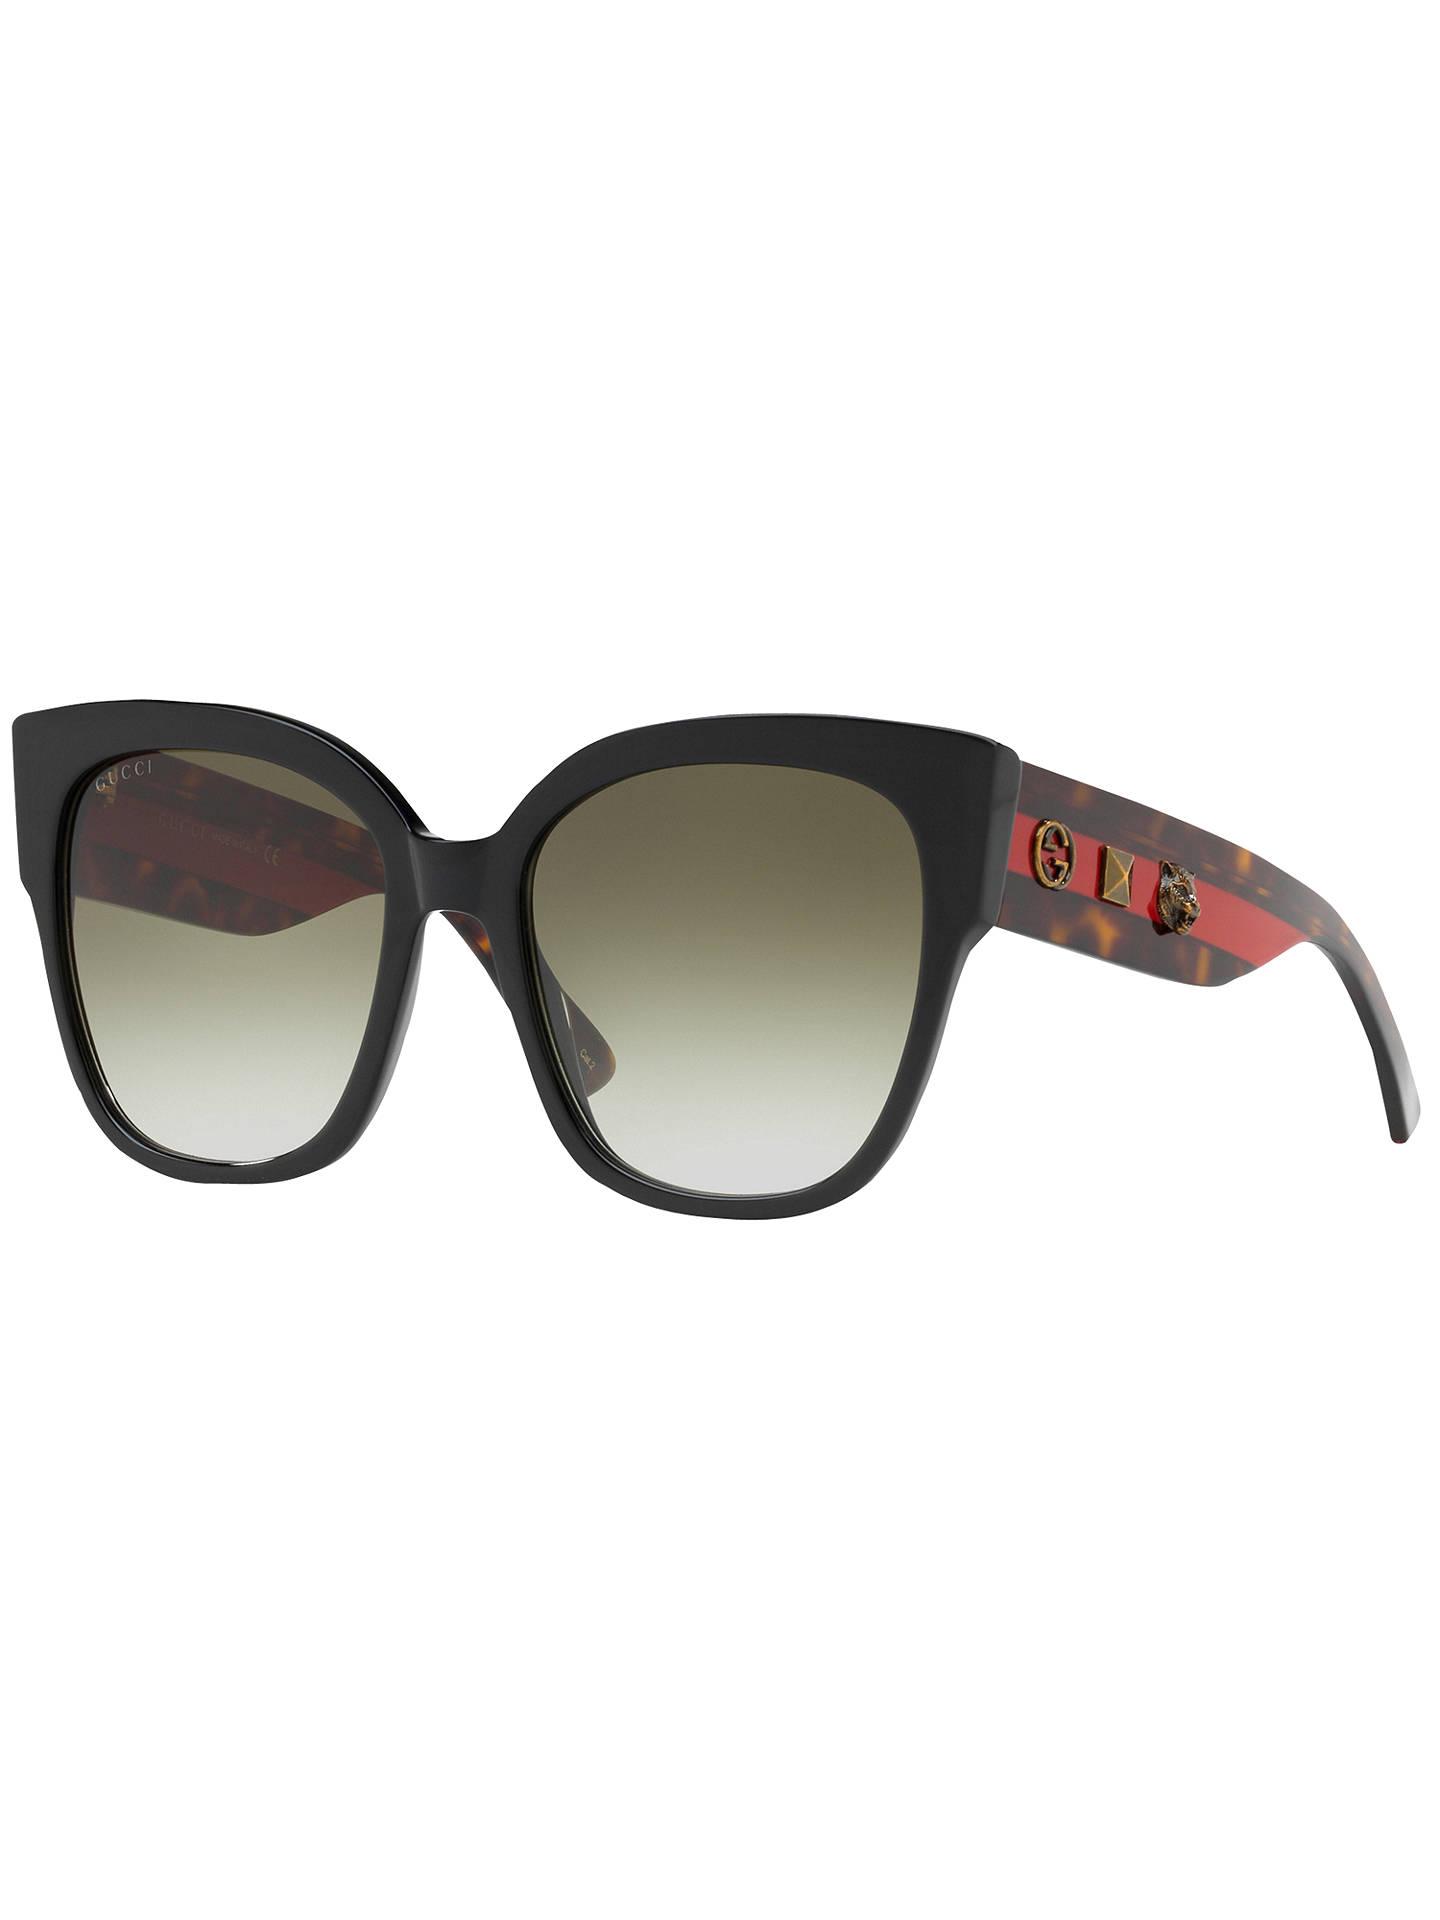 9cbeb7c782a Buy Gucci GG0069S Studded Square Sunglasses